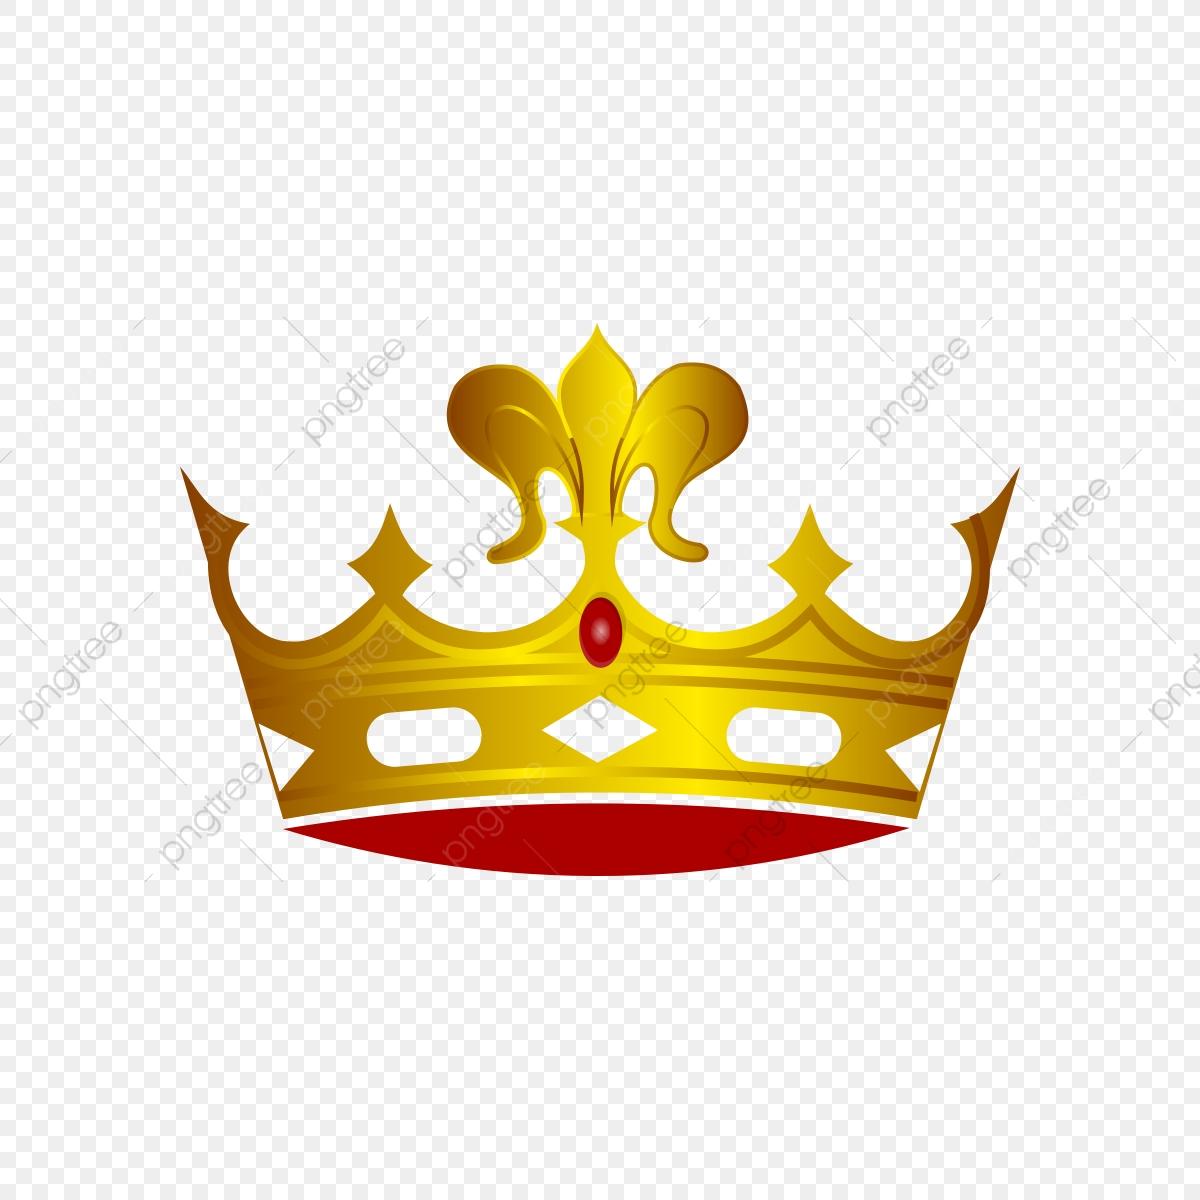 Mewah Mahkota Emas Klip Seni Telus, Clip Art, Mahkota, Mahkota.